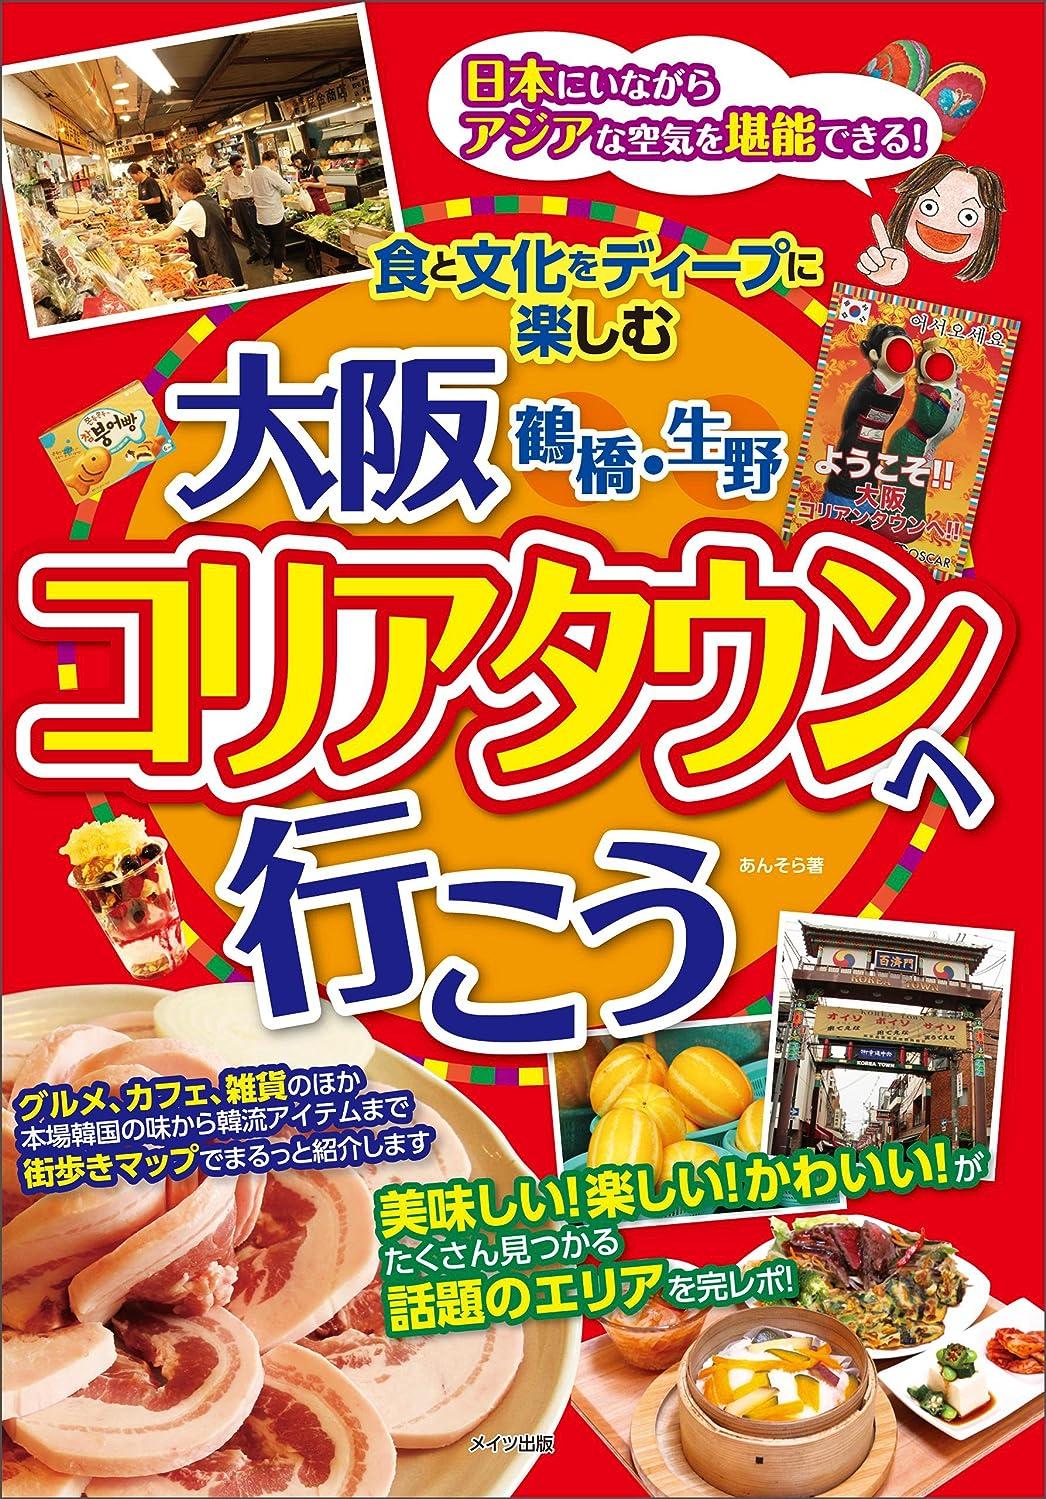 好ましい冬怠惰大阪 鶴橋?生野 コリアタウンへ行こう 食と文化をディープに楽しむ